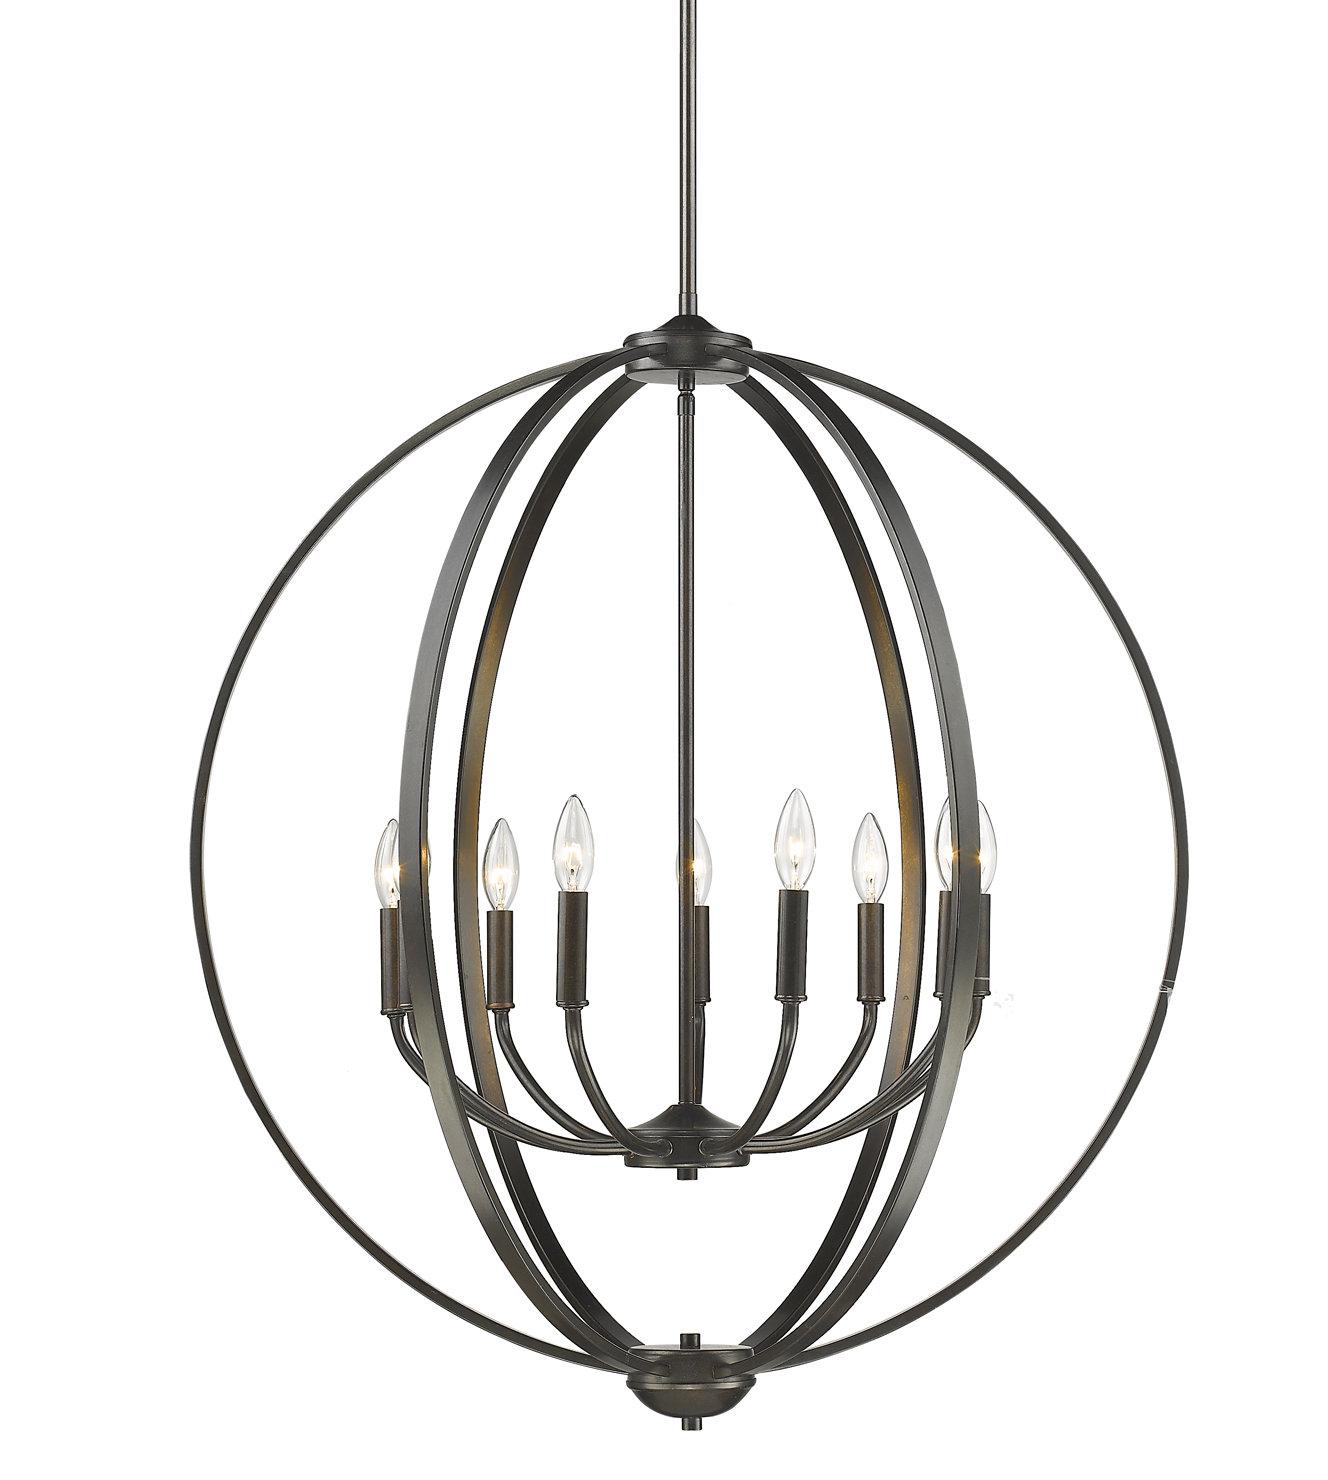 Earlene 9 Light Globe Chandelier For Kierra 4 Light Unique / Statement Chandeliers (View 15 of 30)